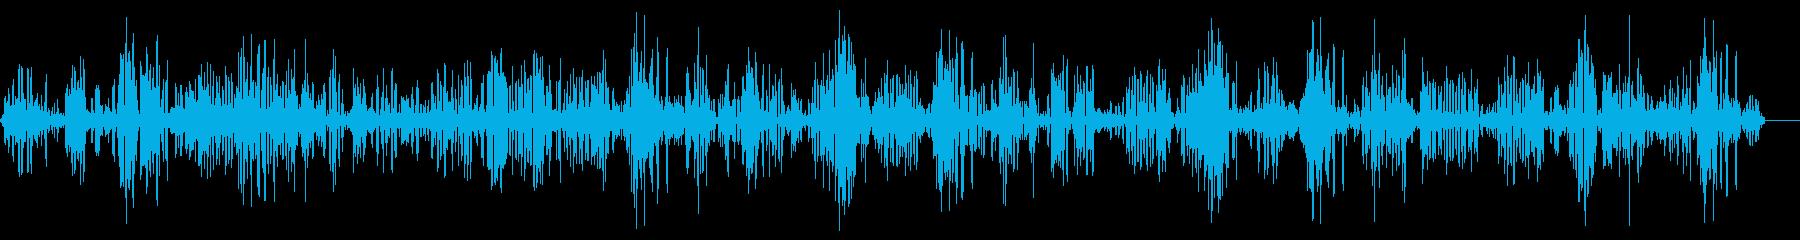 鳥4の再生済みの波形